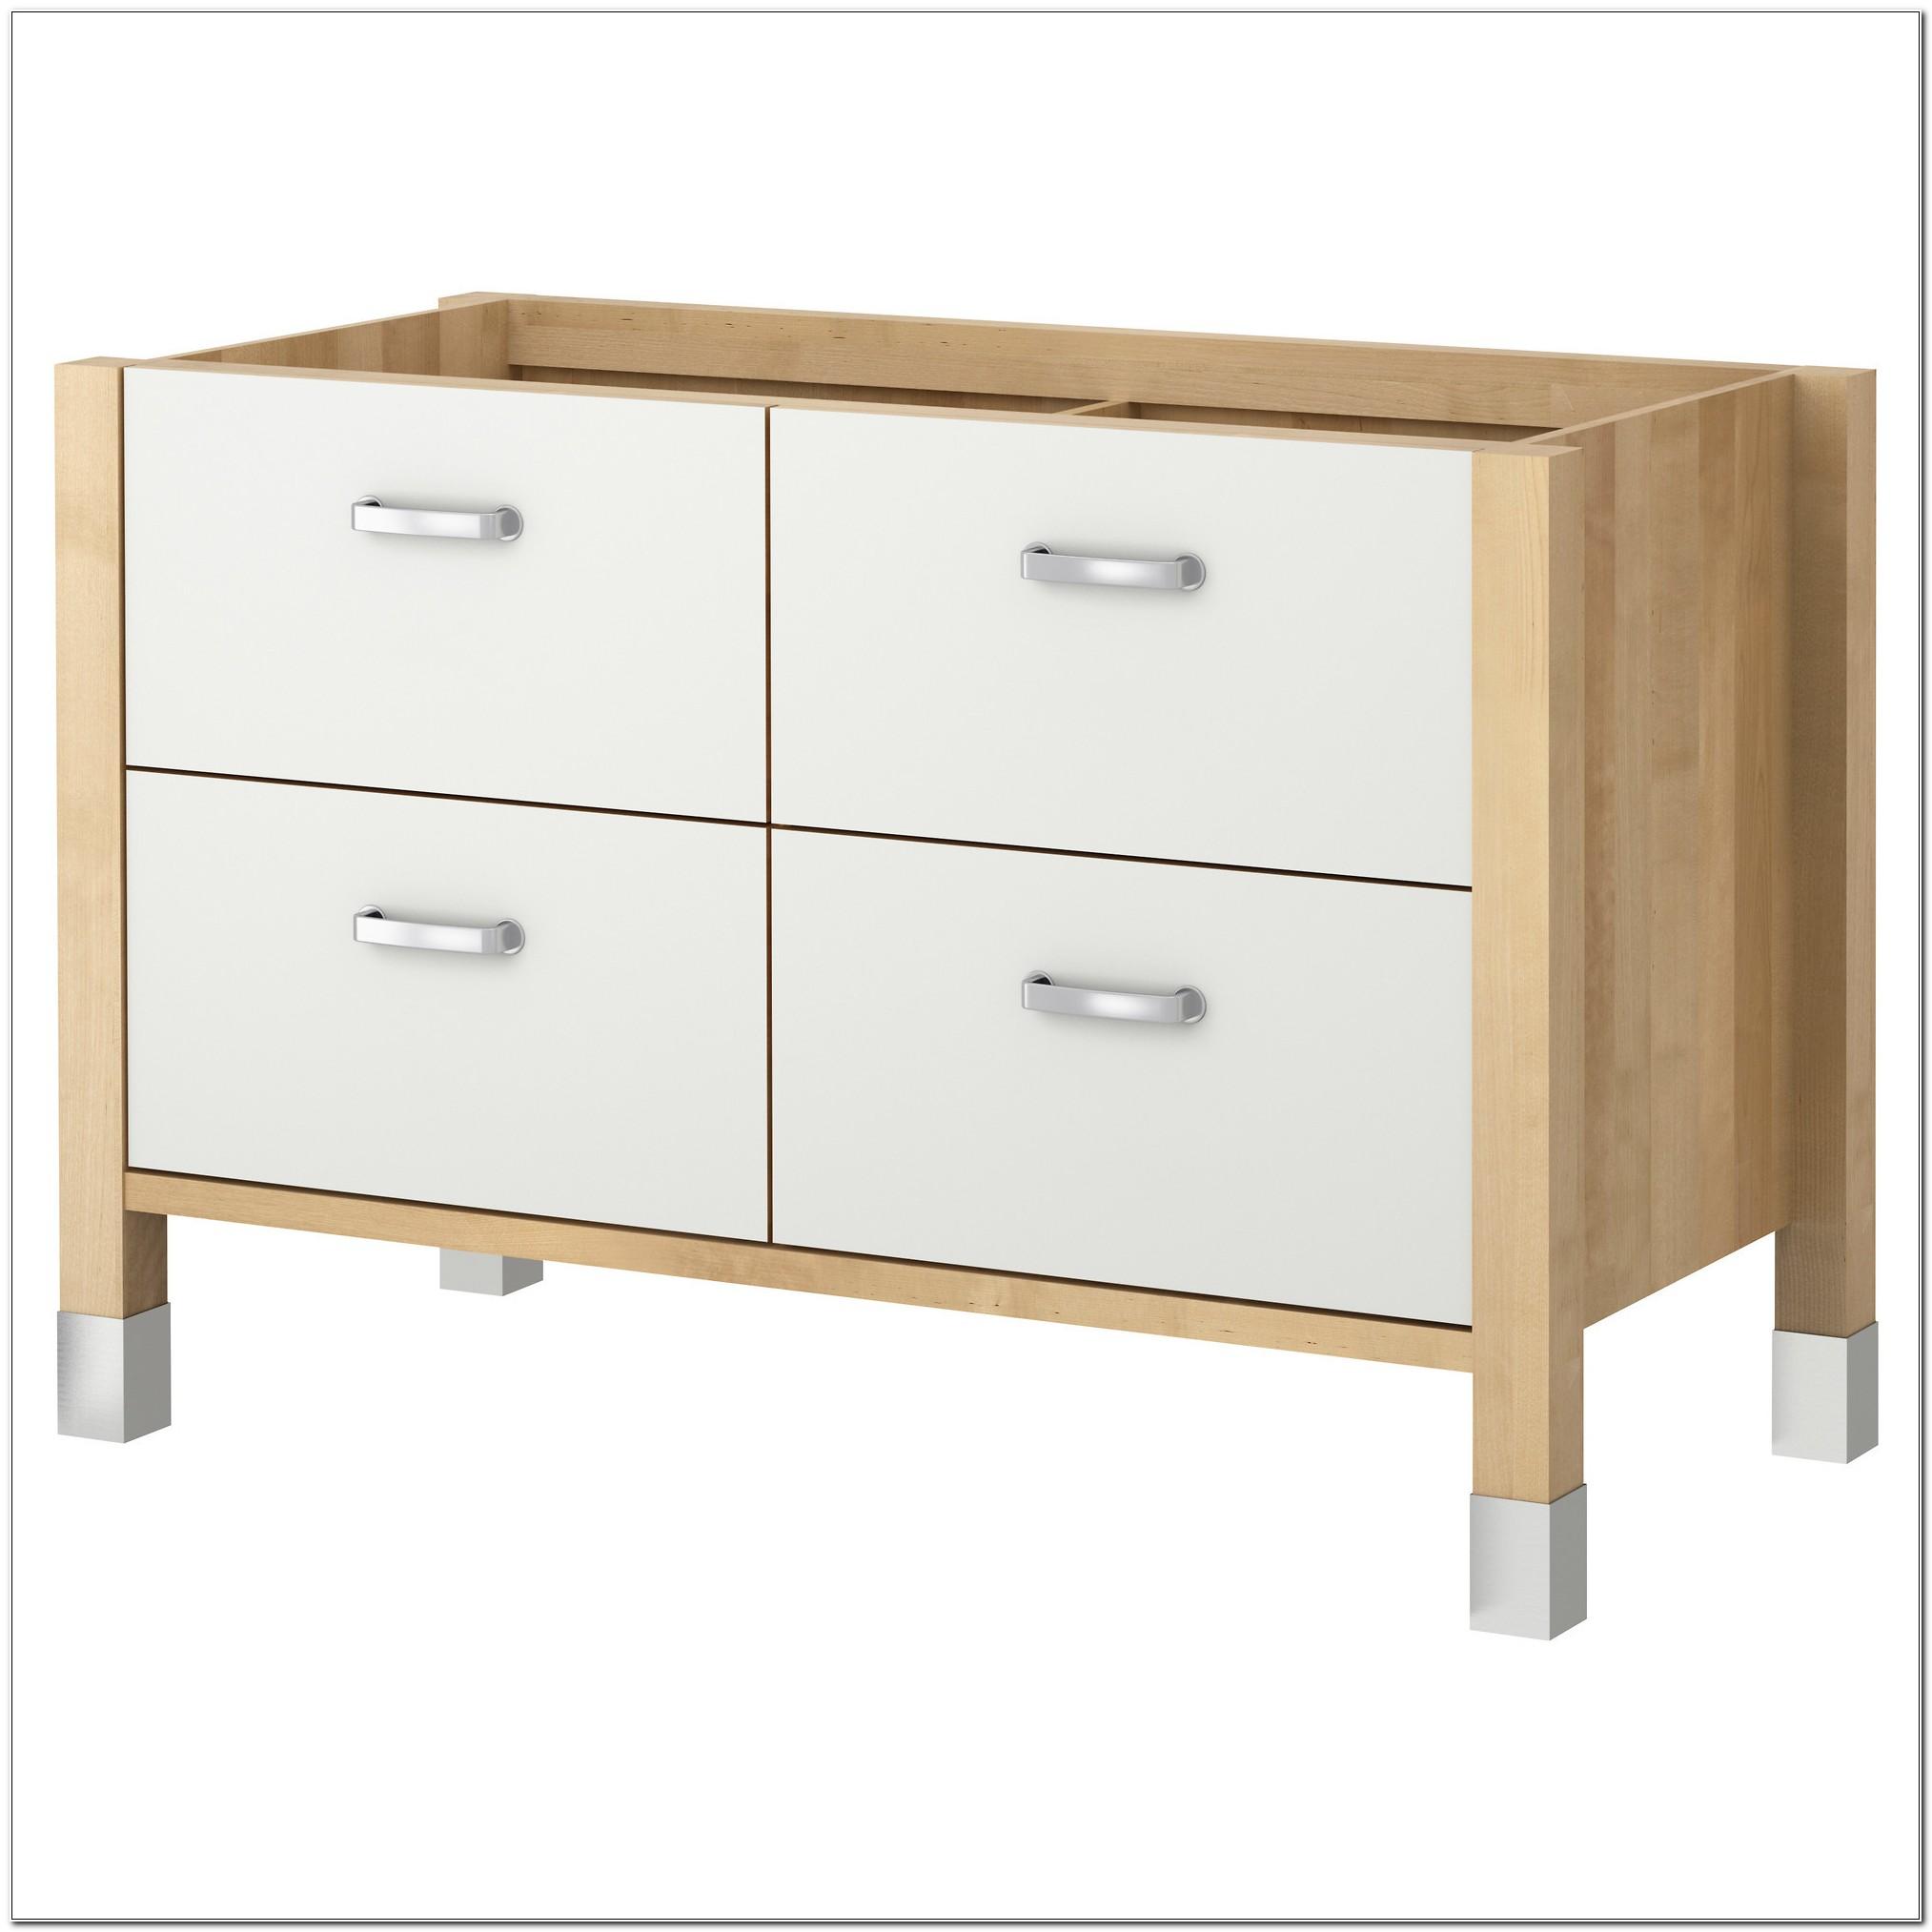 Ikea Free Standing Floor Cabinets